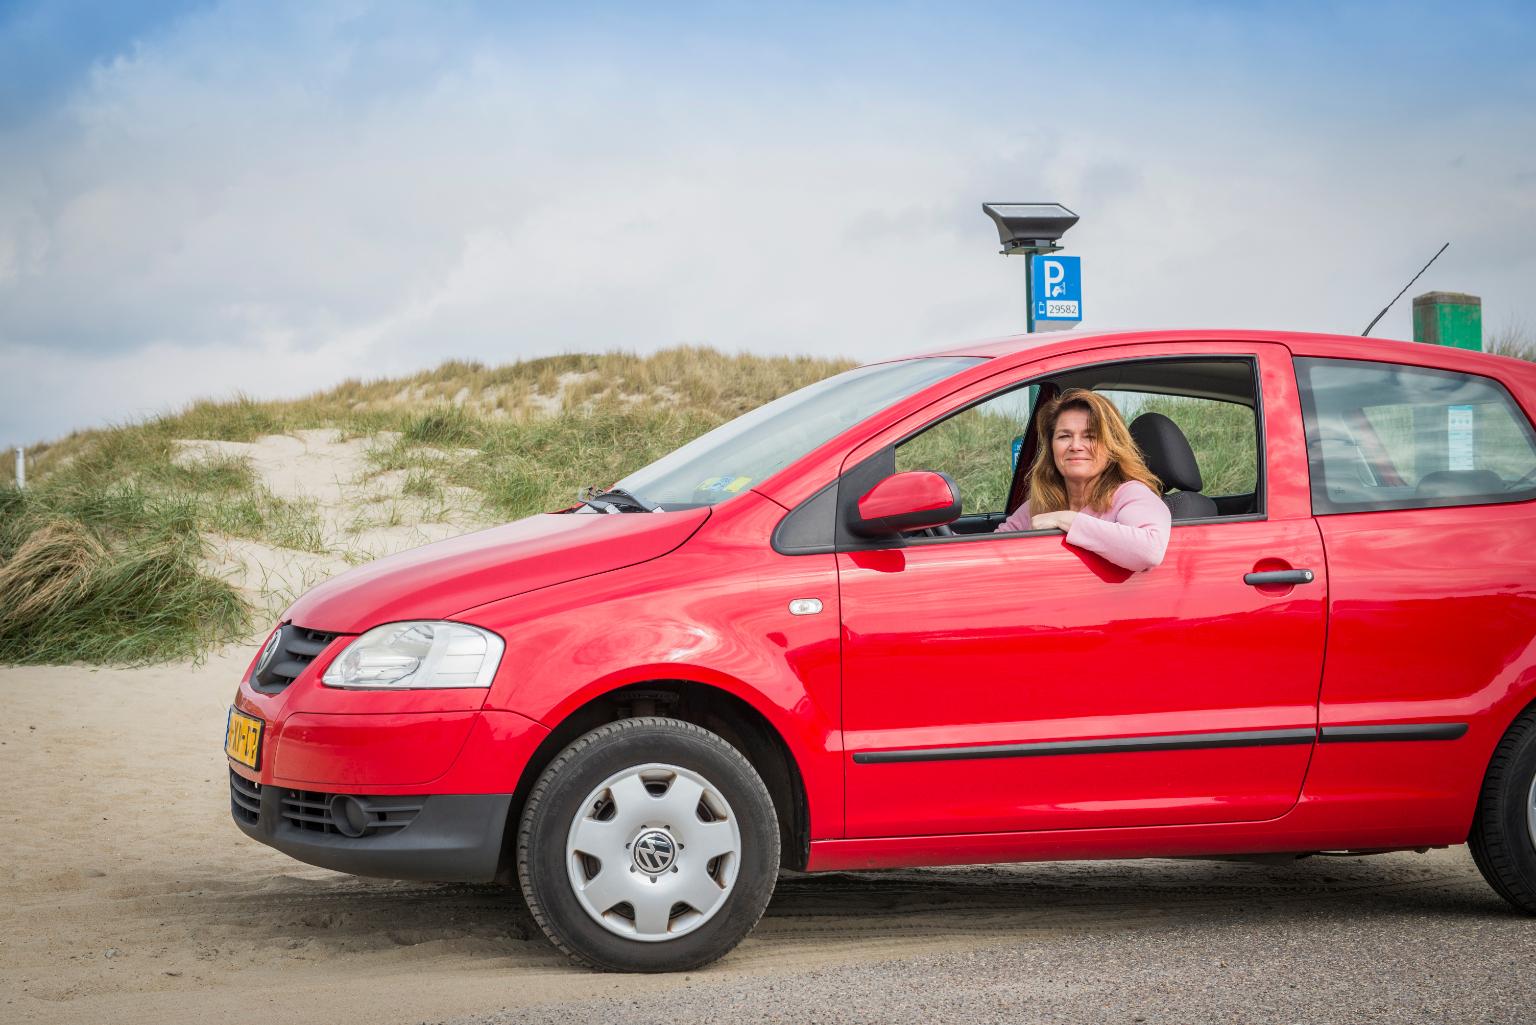 Parkeren met het Texel evignet VVV Texel